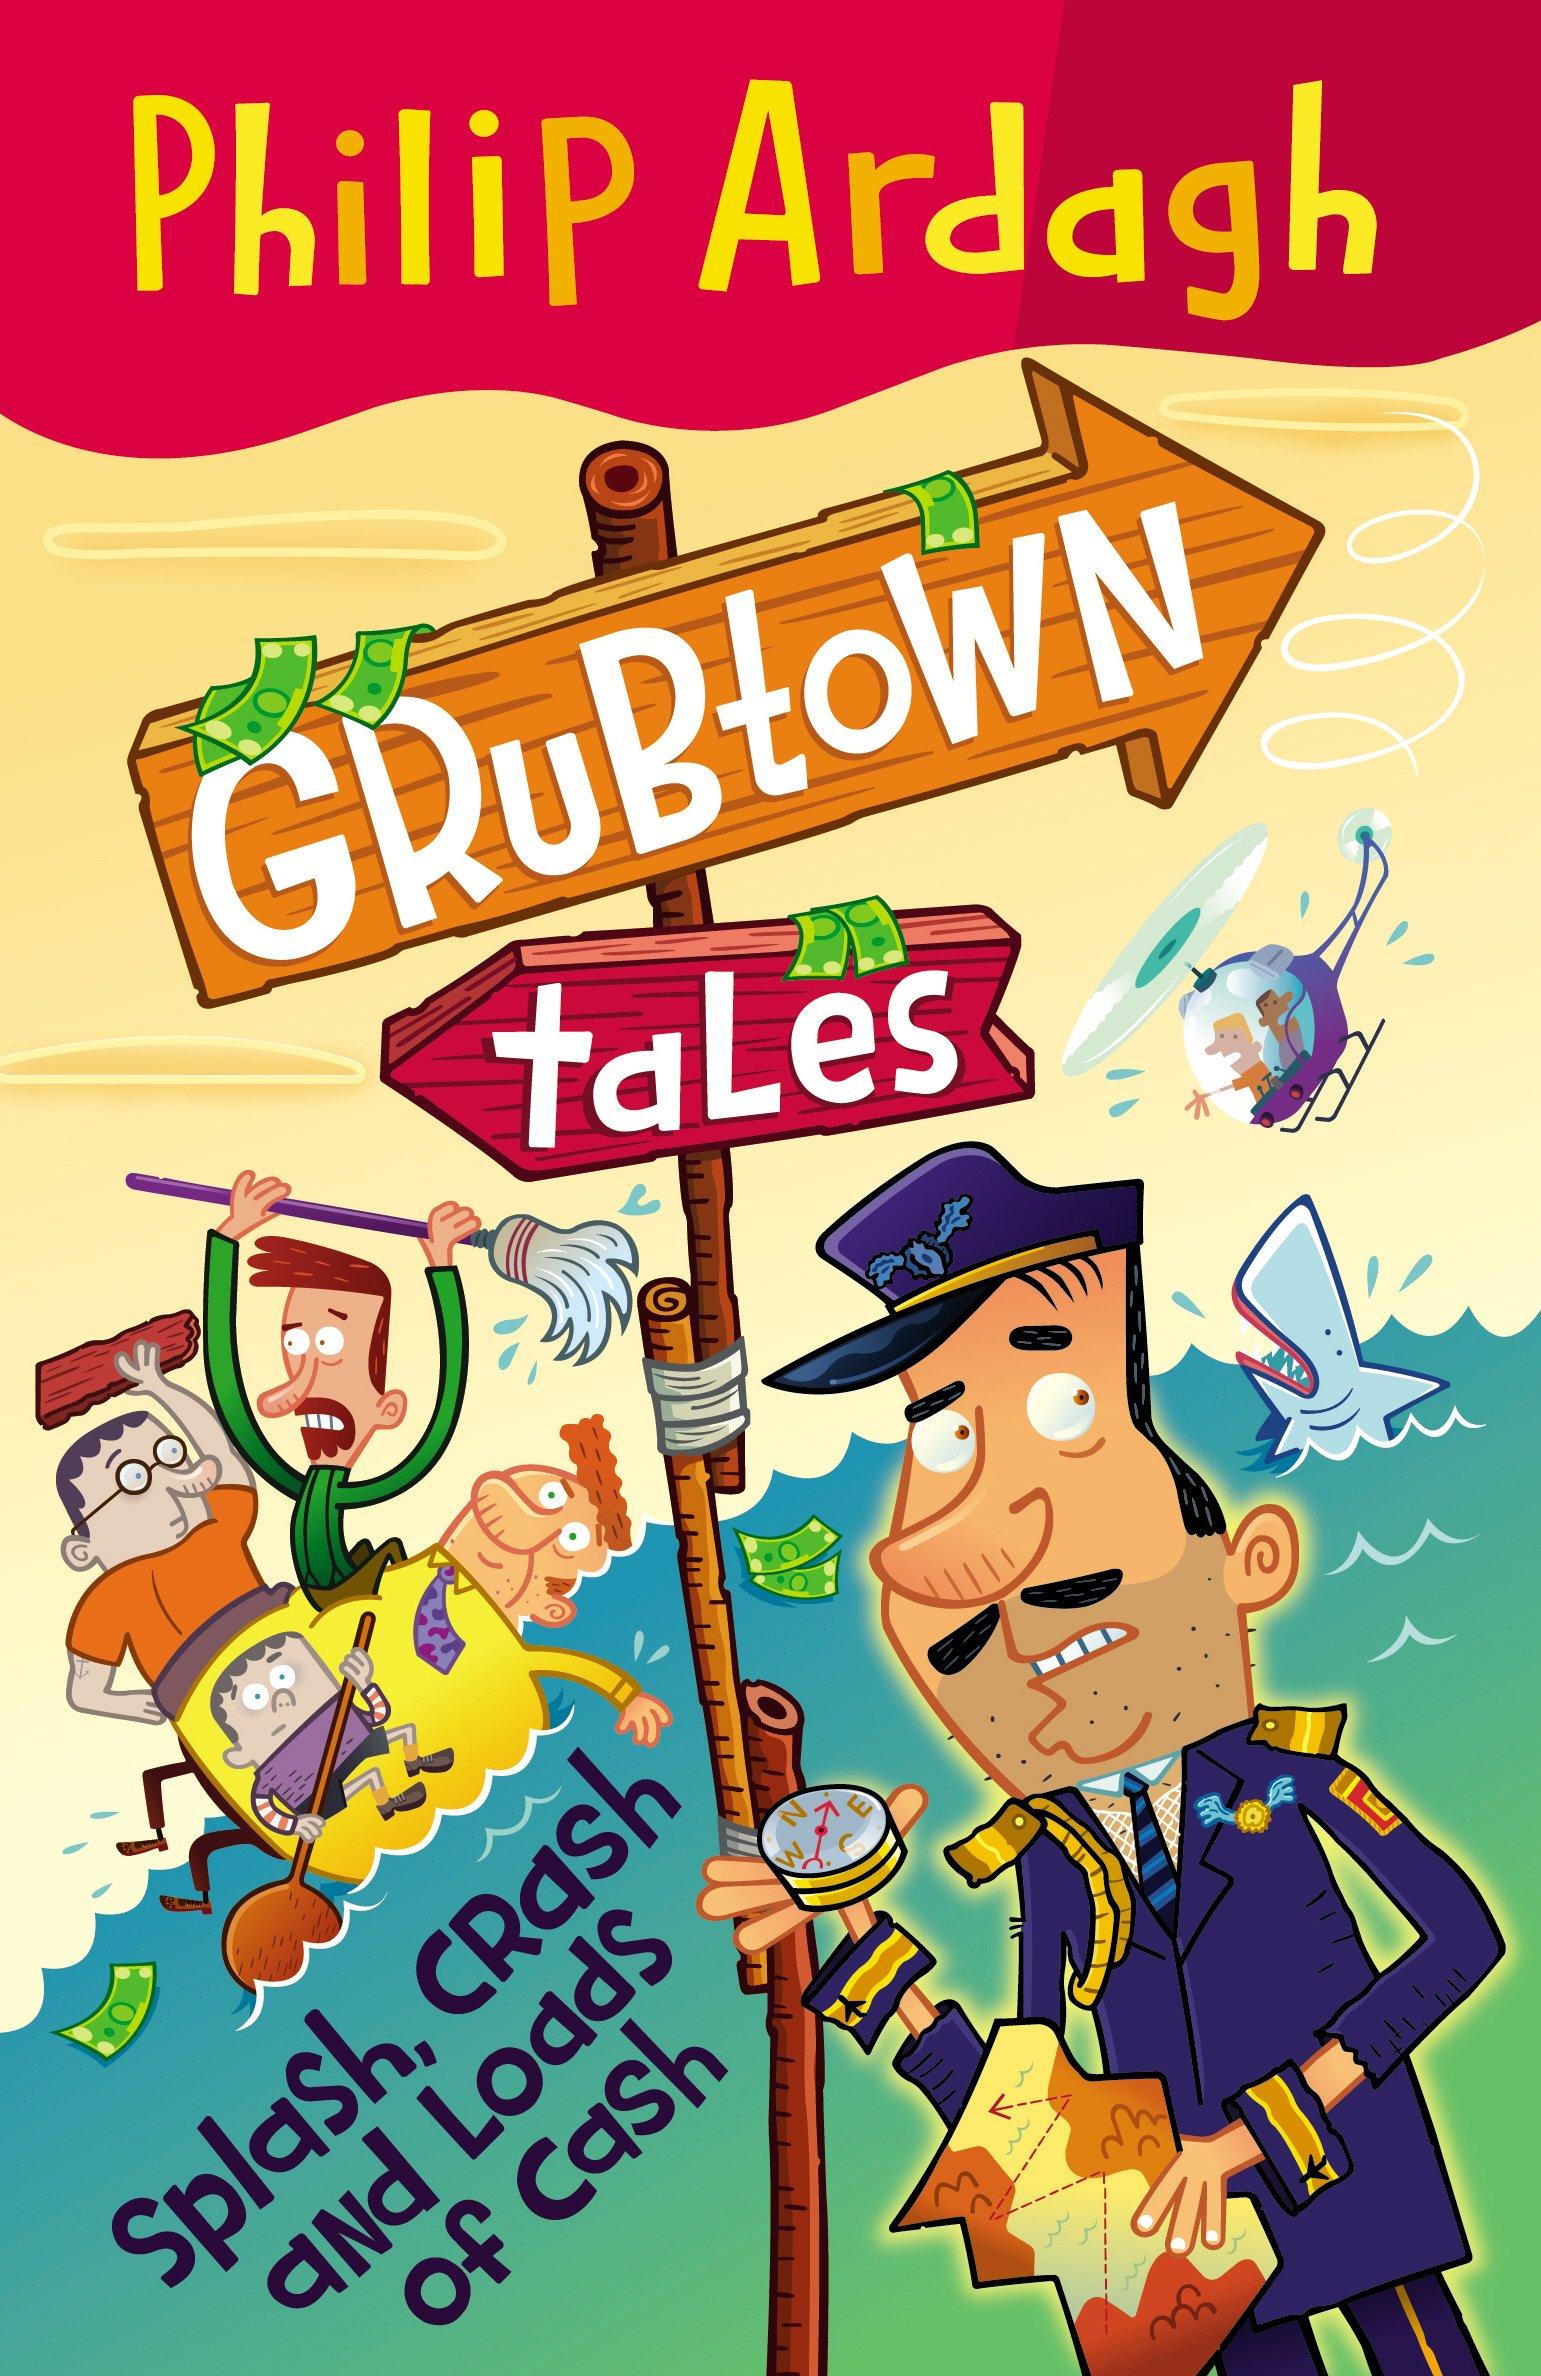 Download Grubtown Tales: Splash, Crash and Loads of Cash pdf